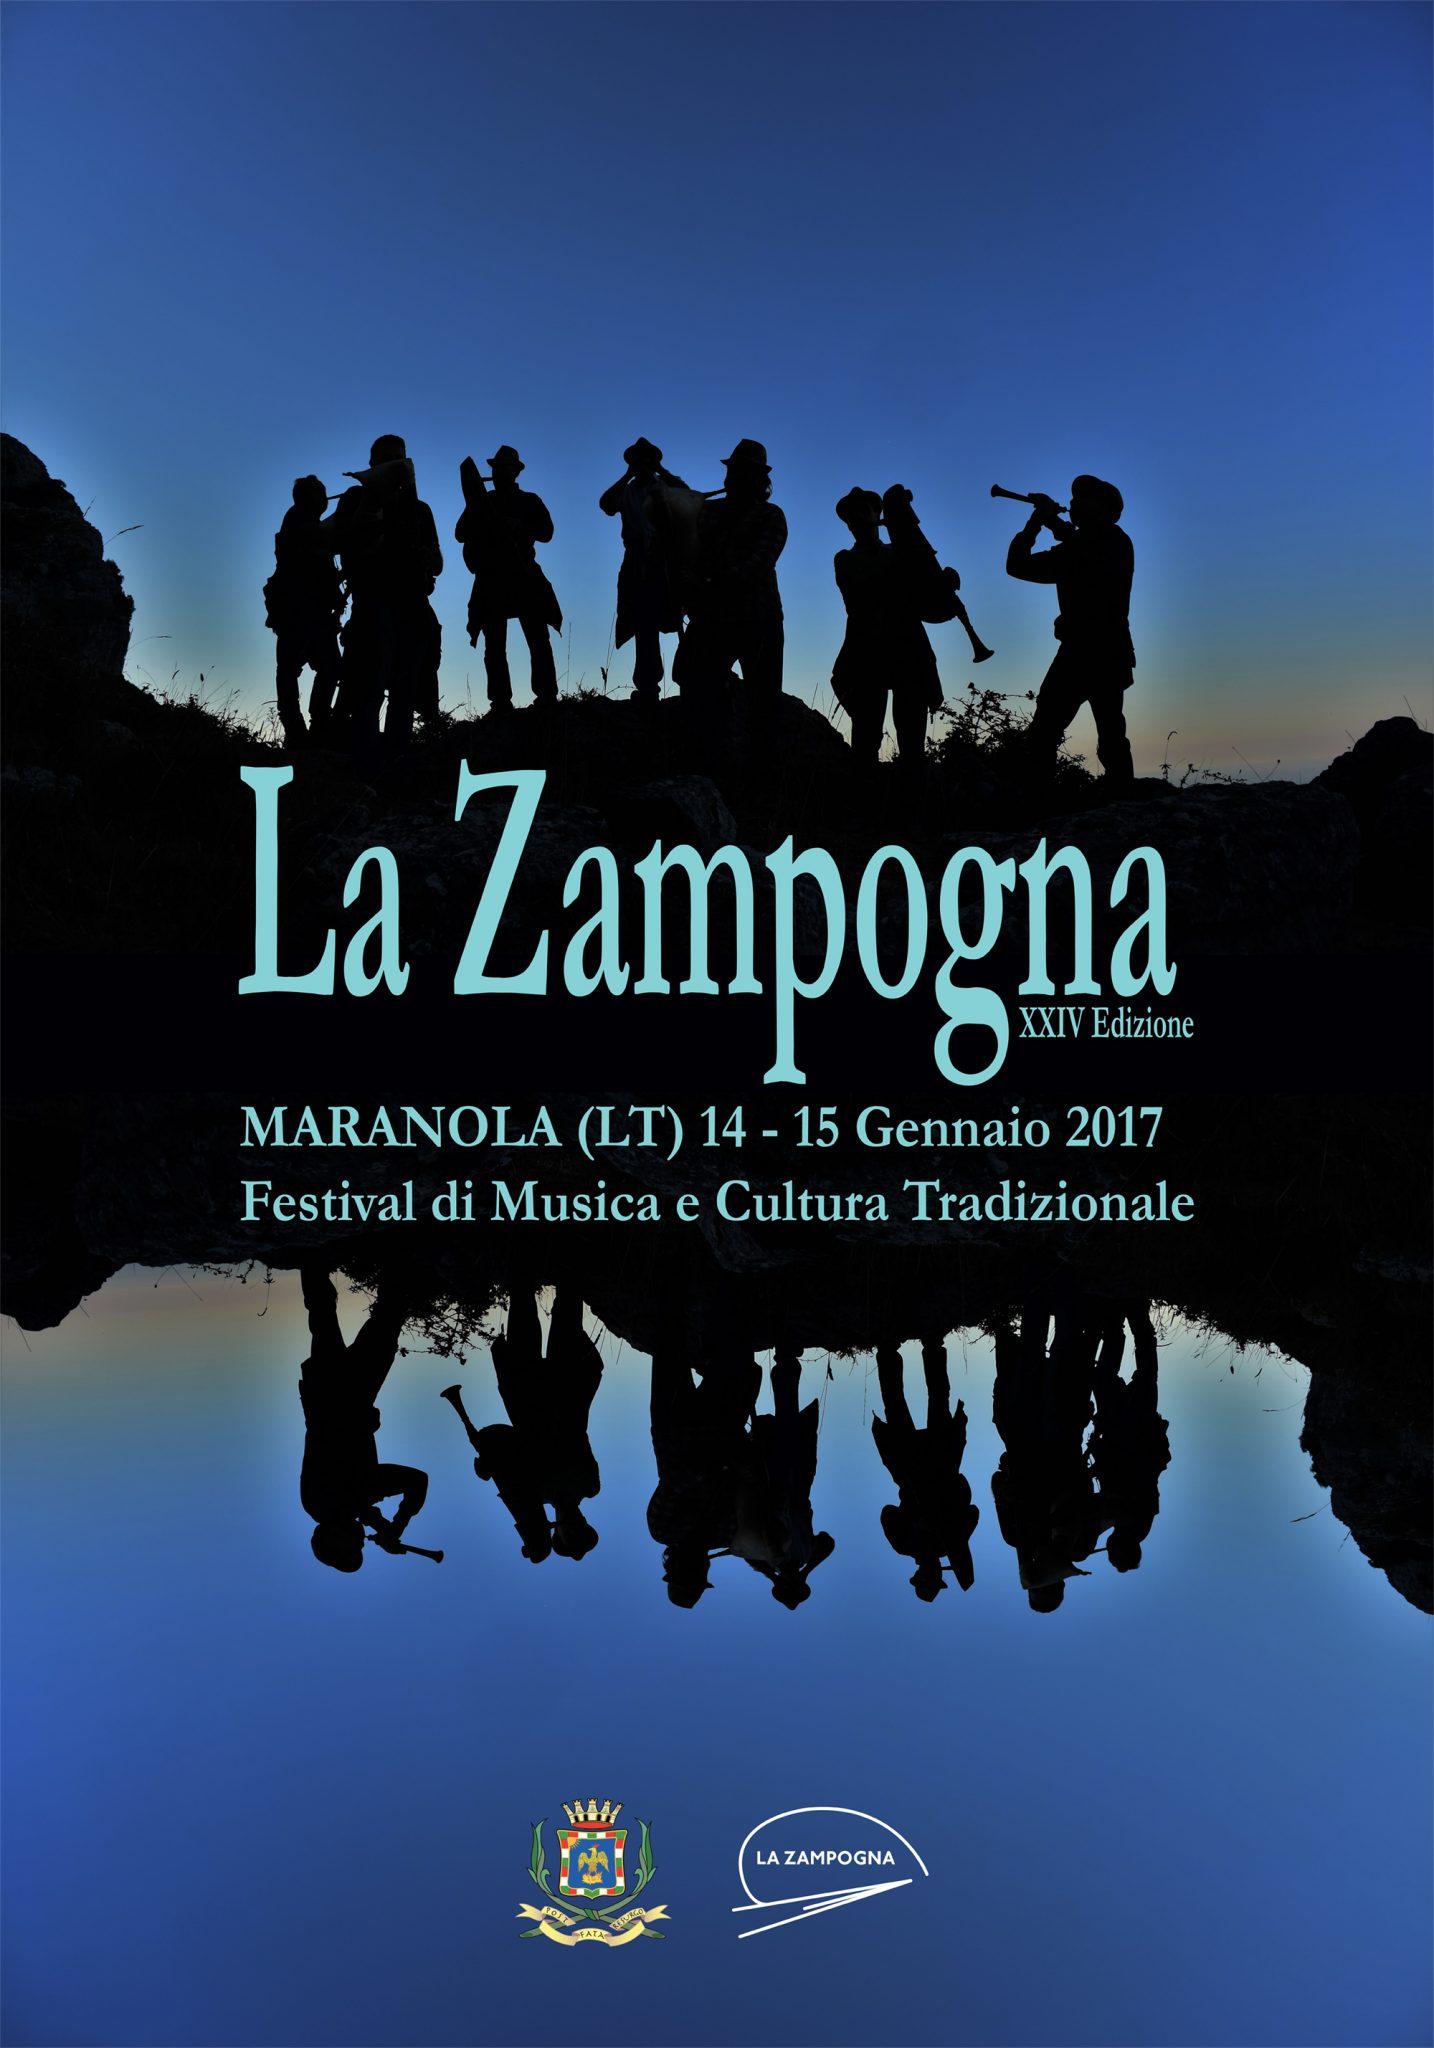 La Zampogna – Festival di Musica e Cultura Tradizionale